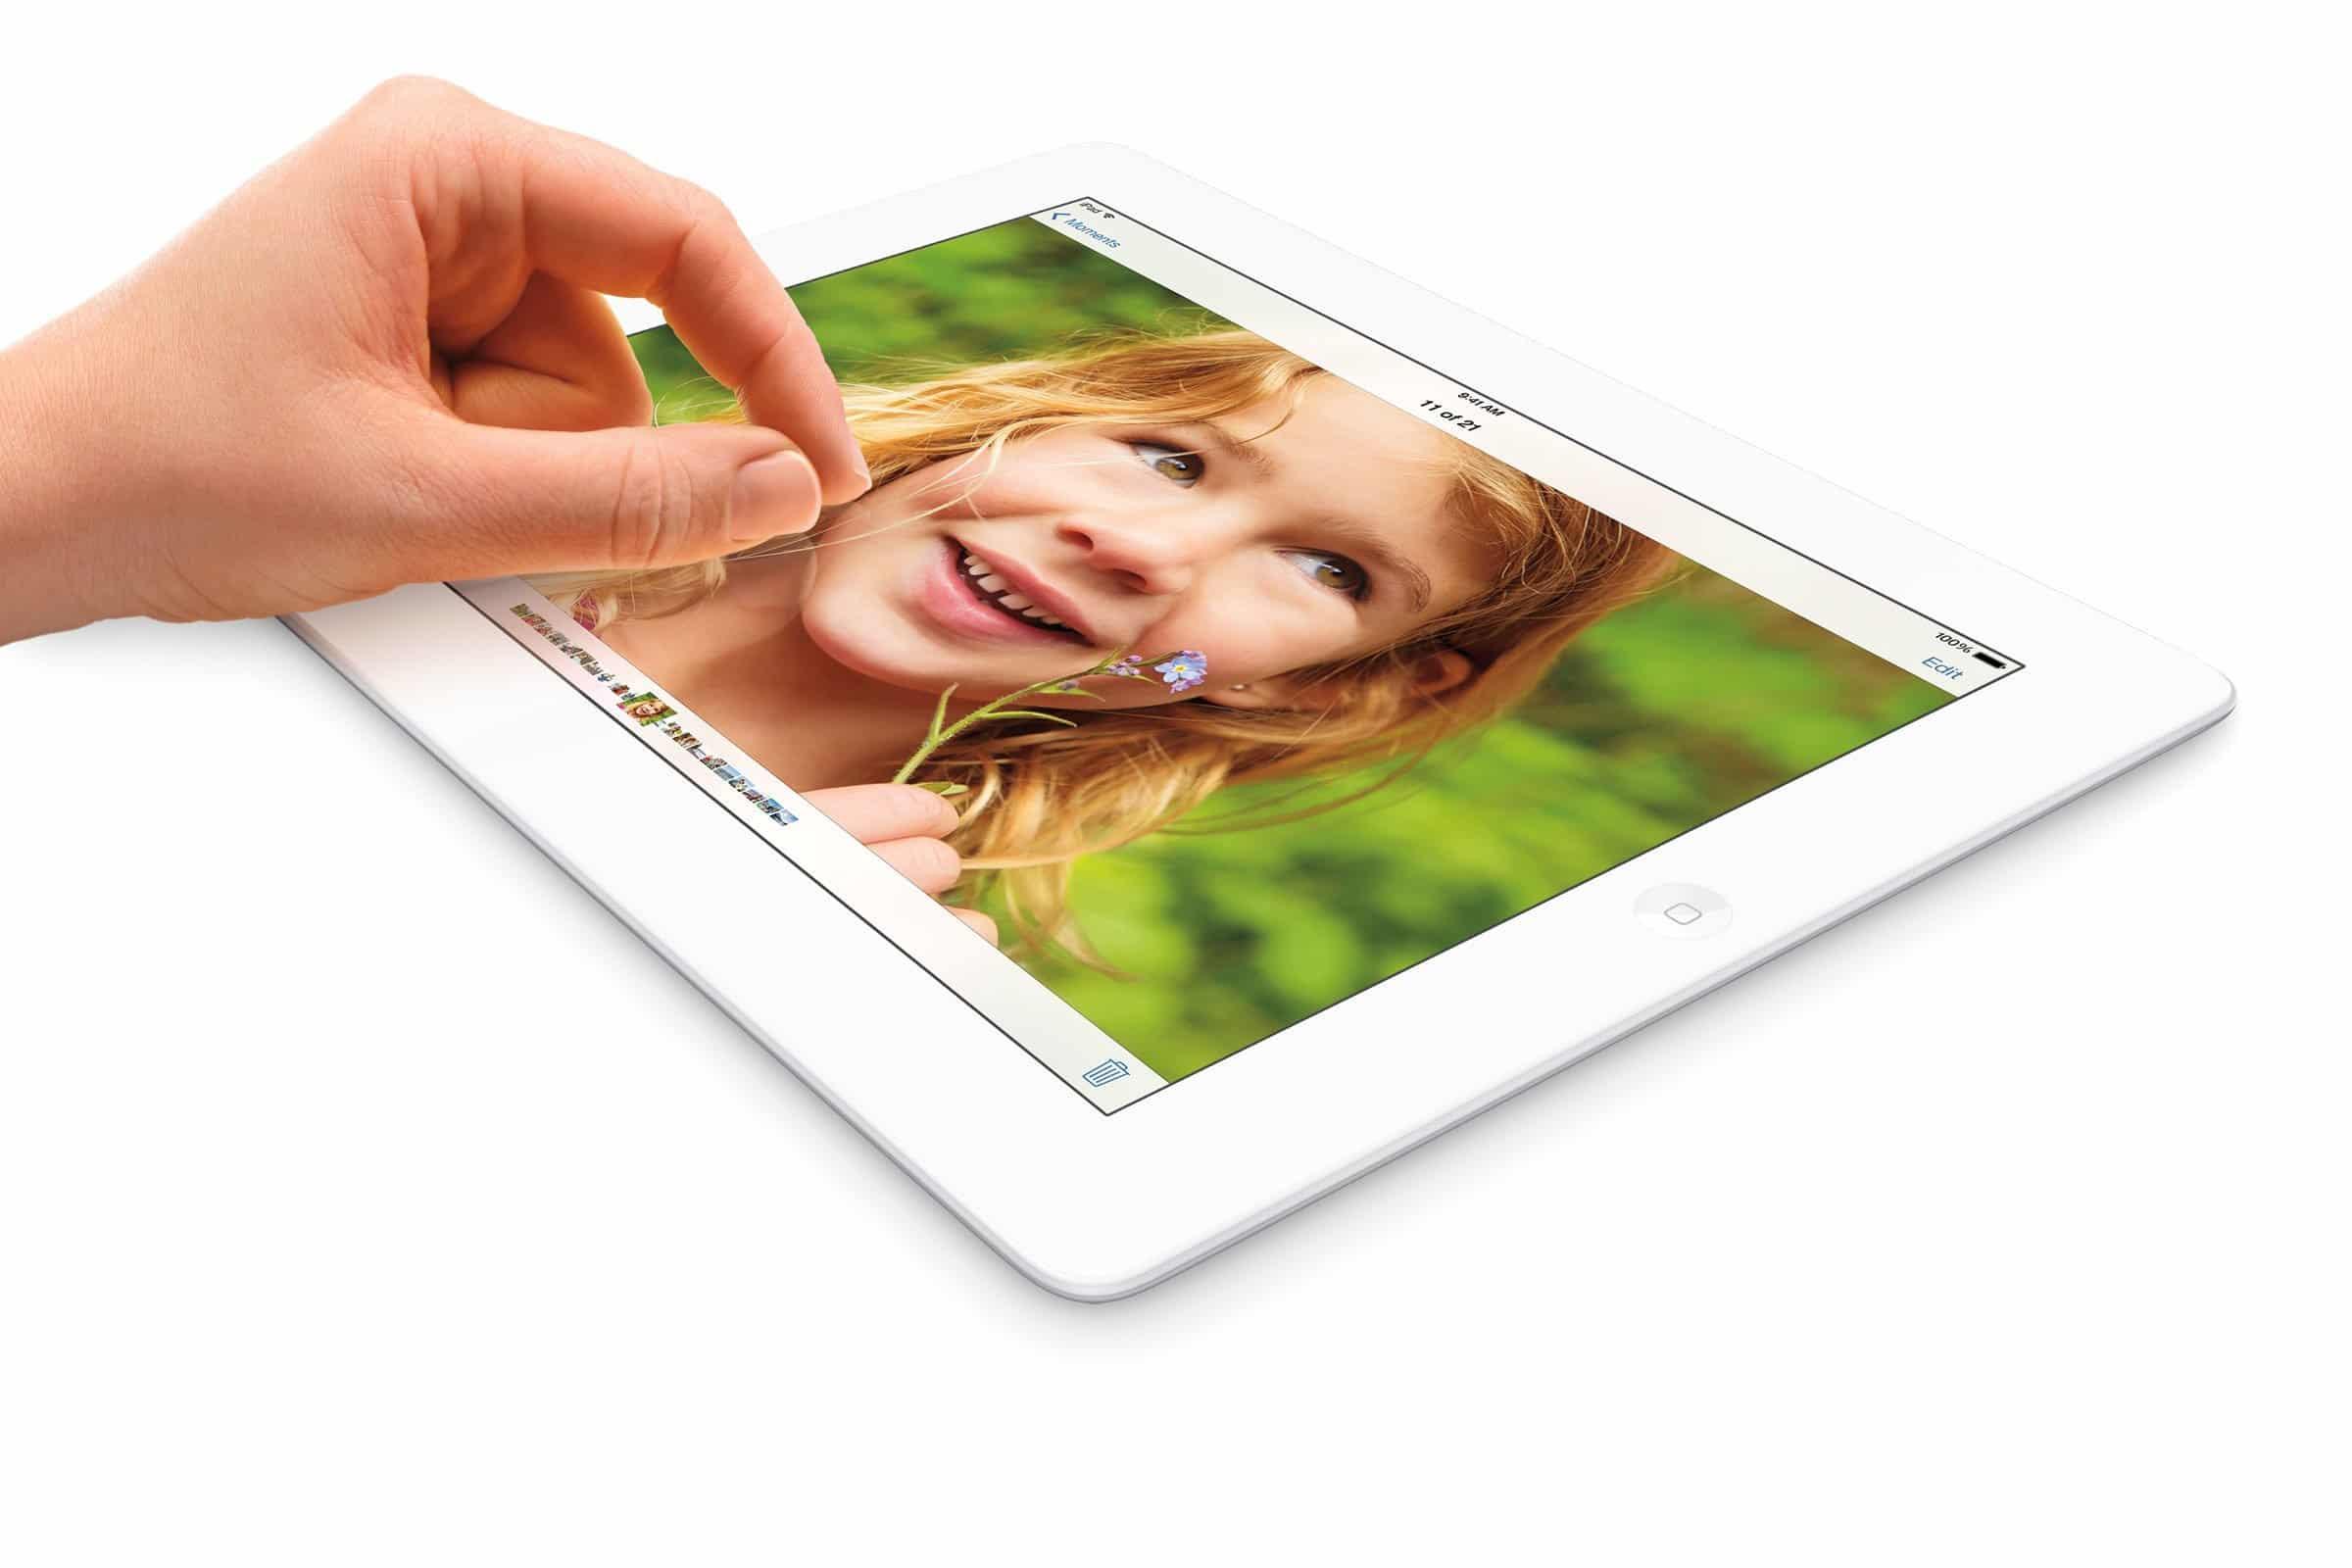 Kommt das iPad 6 mit 40% mehr Pixeldichte?